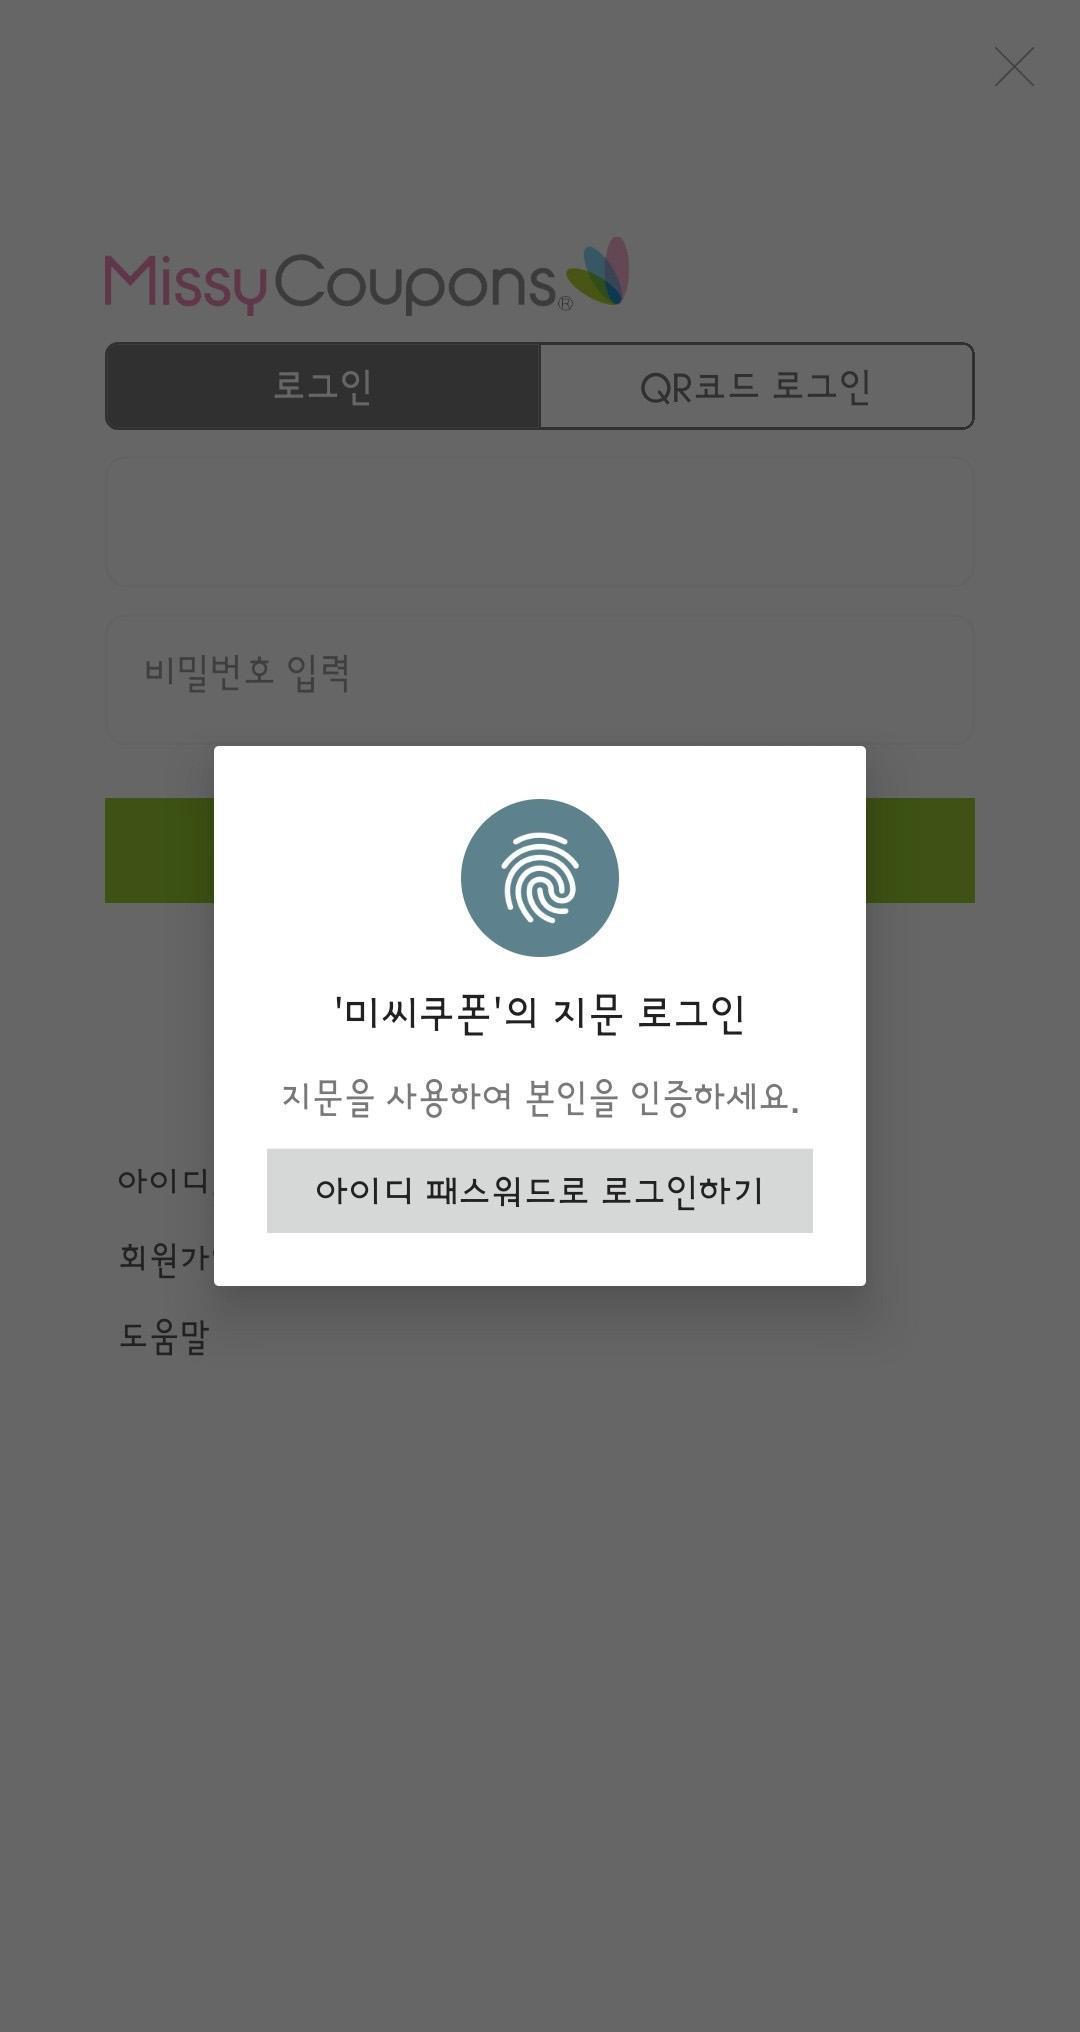 """˯¸ì""""¨ì¿í° ˲íƒ€ ˯¸êµ ͕«ë""""œ Ì•ë³´ Missycoupons For Android Apk Download September, 7 2020 04:48:01 am. apkpure com"""